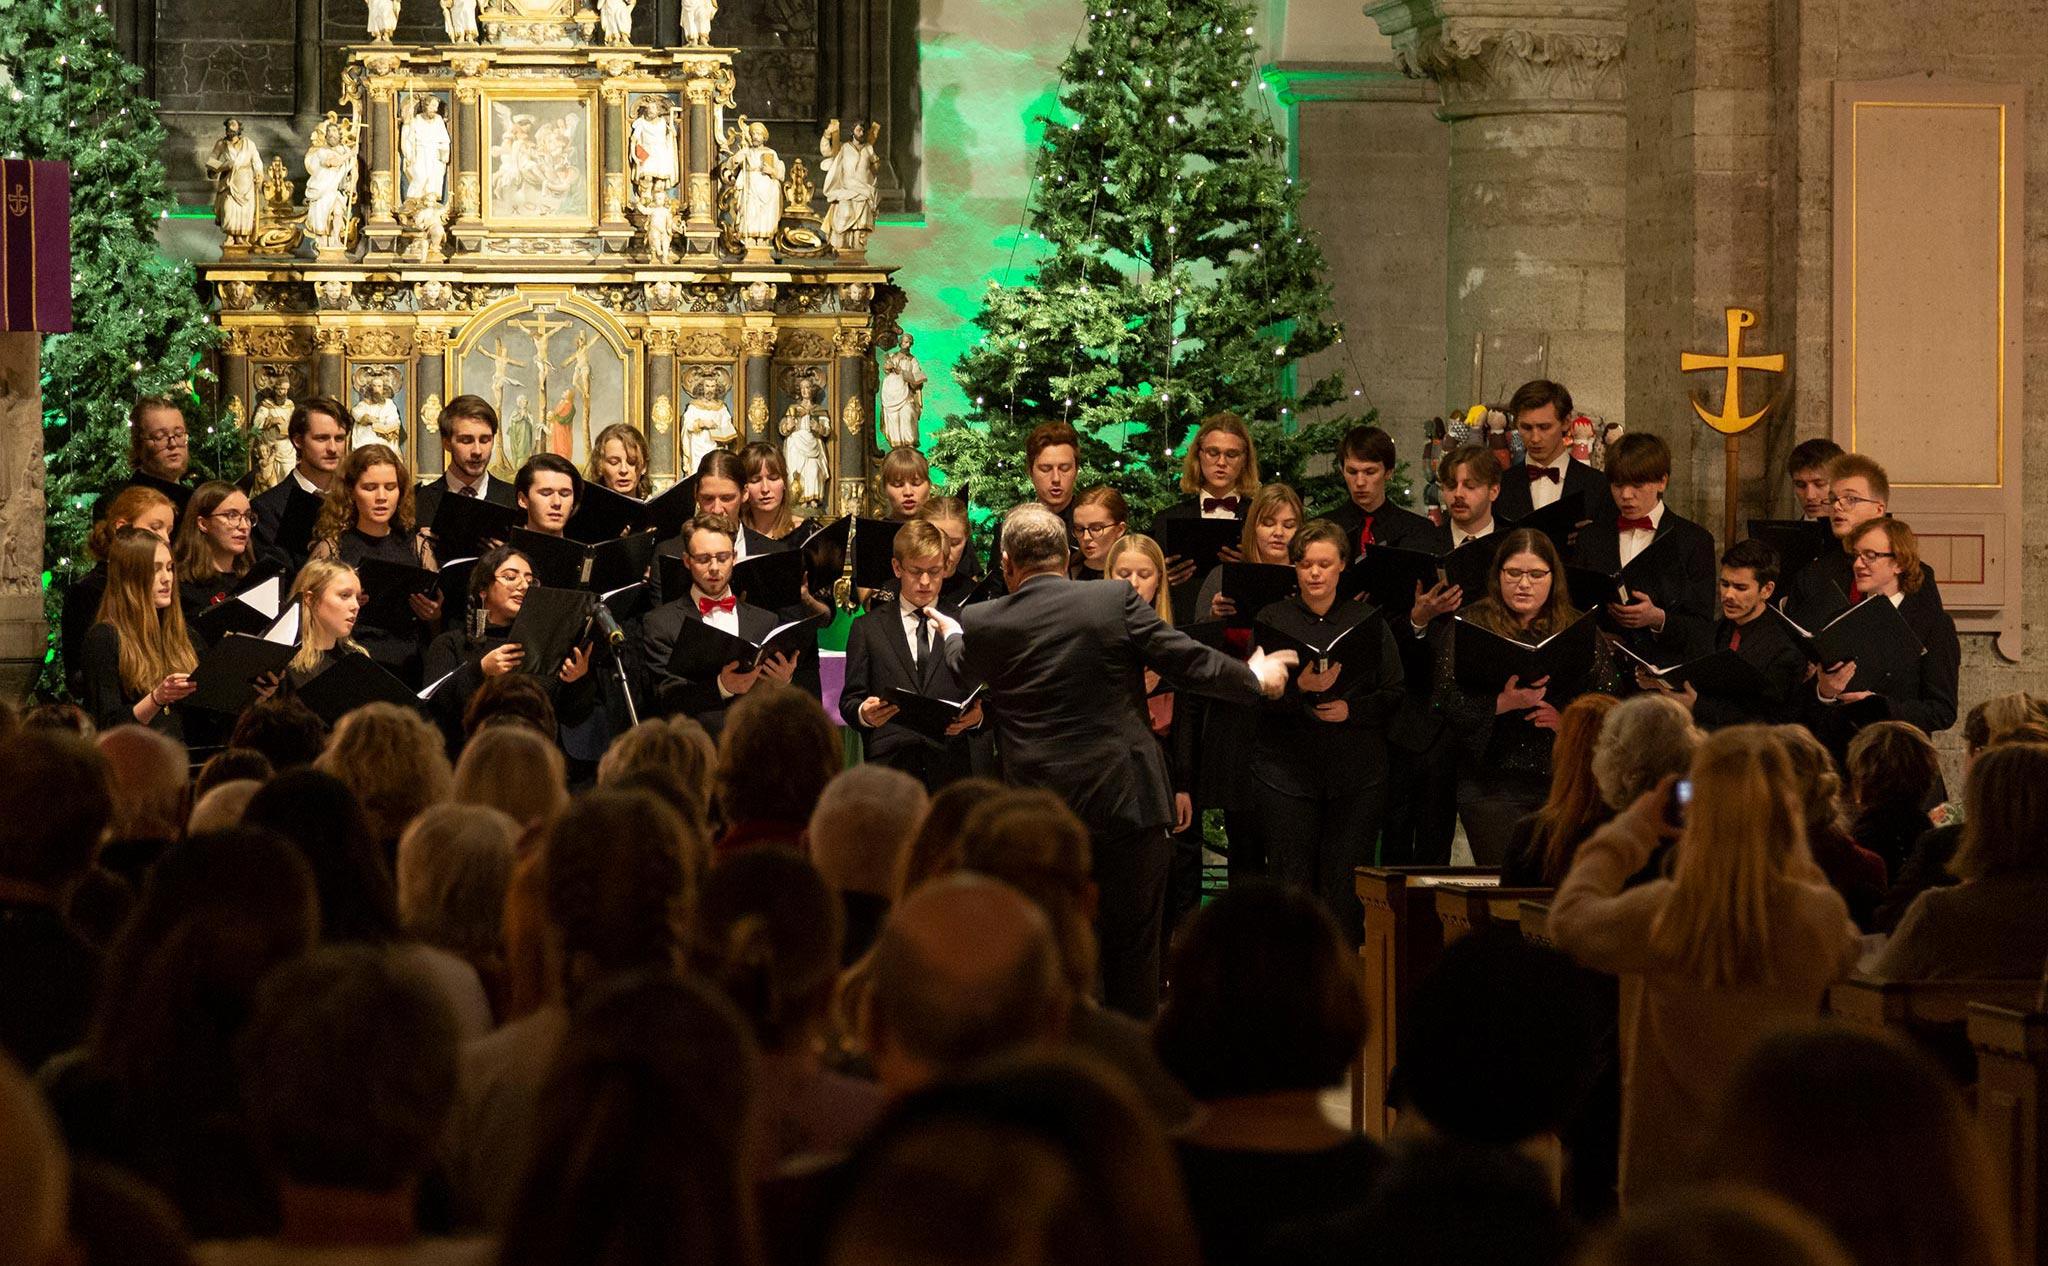 julkonsert-2019-12-17-utvald